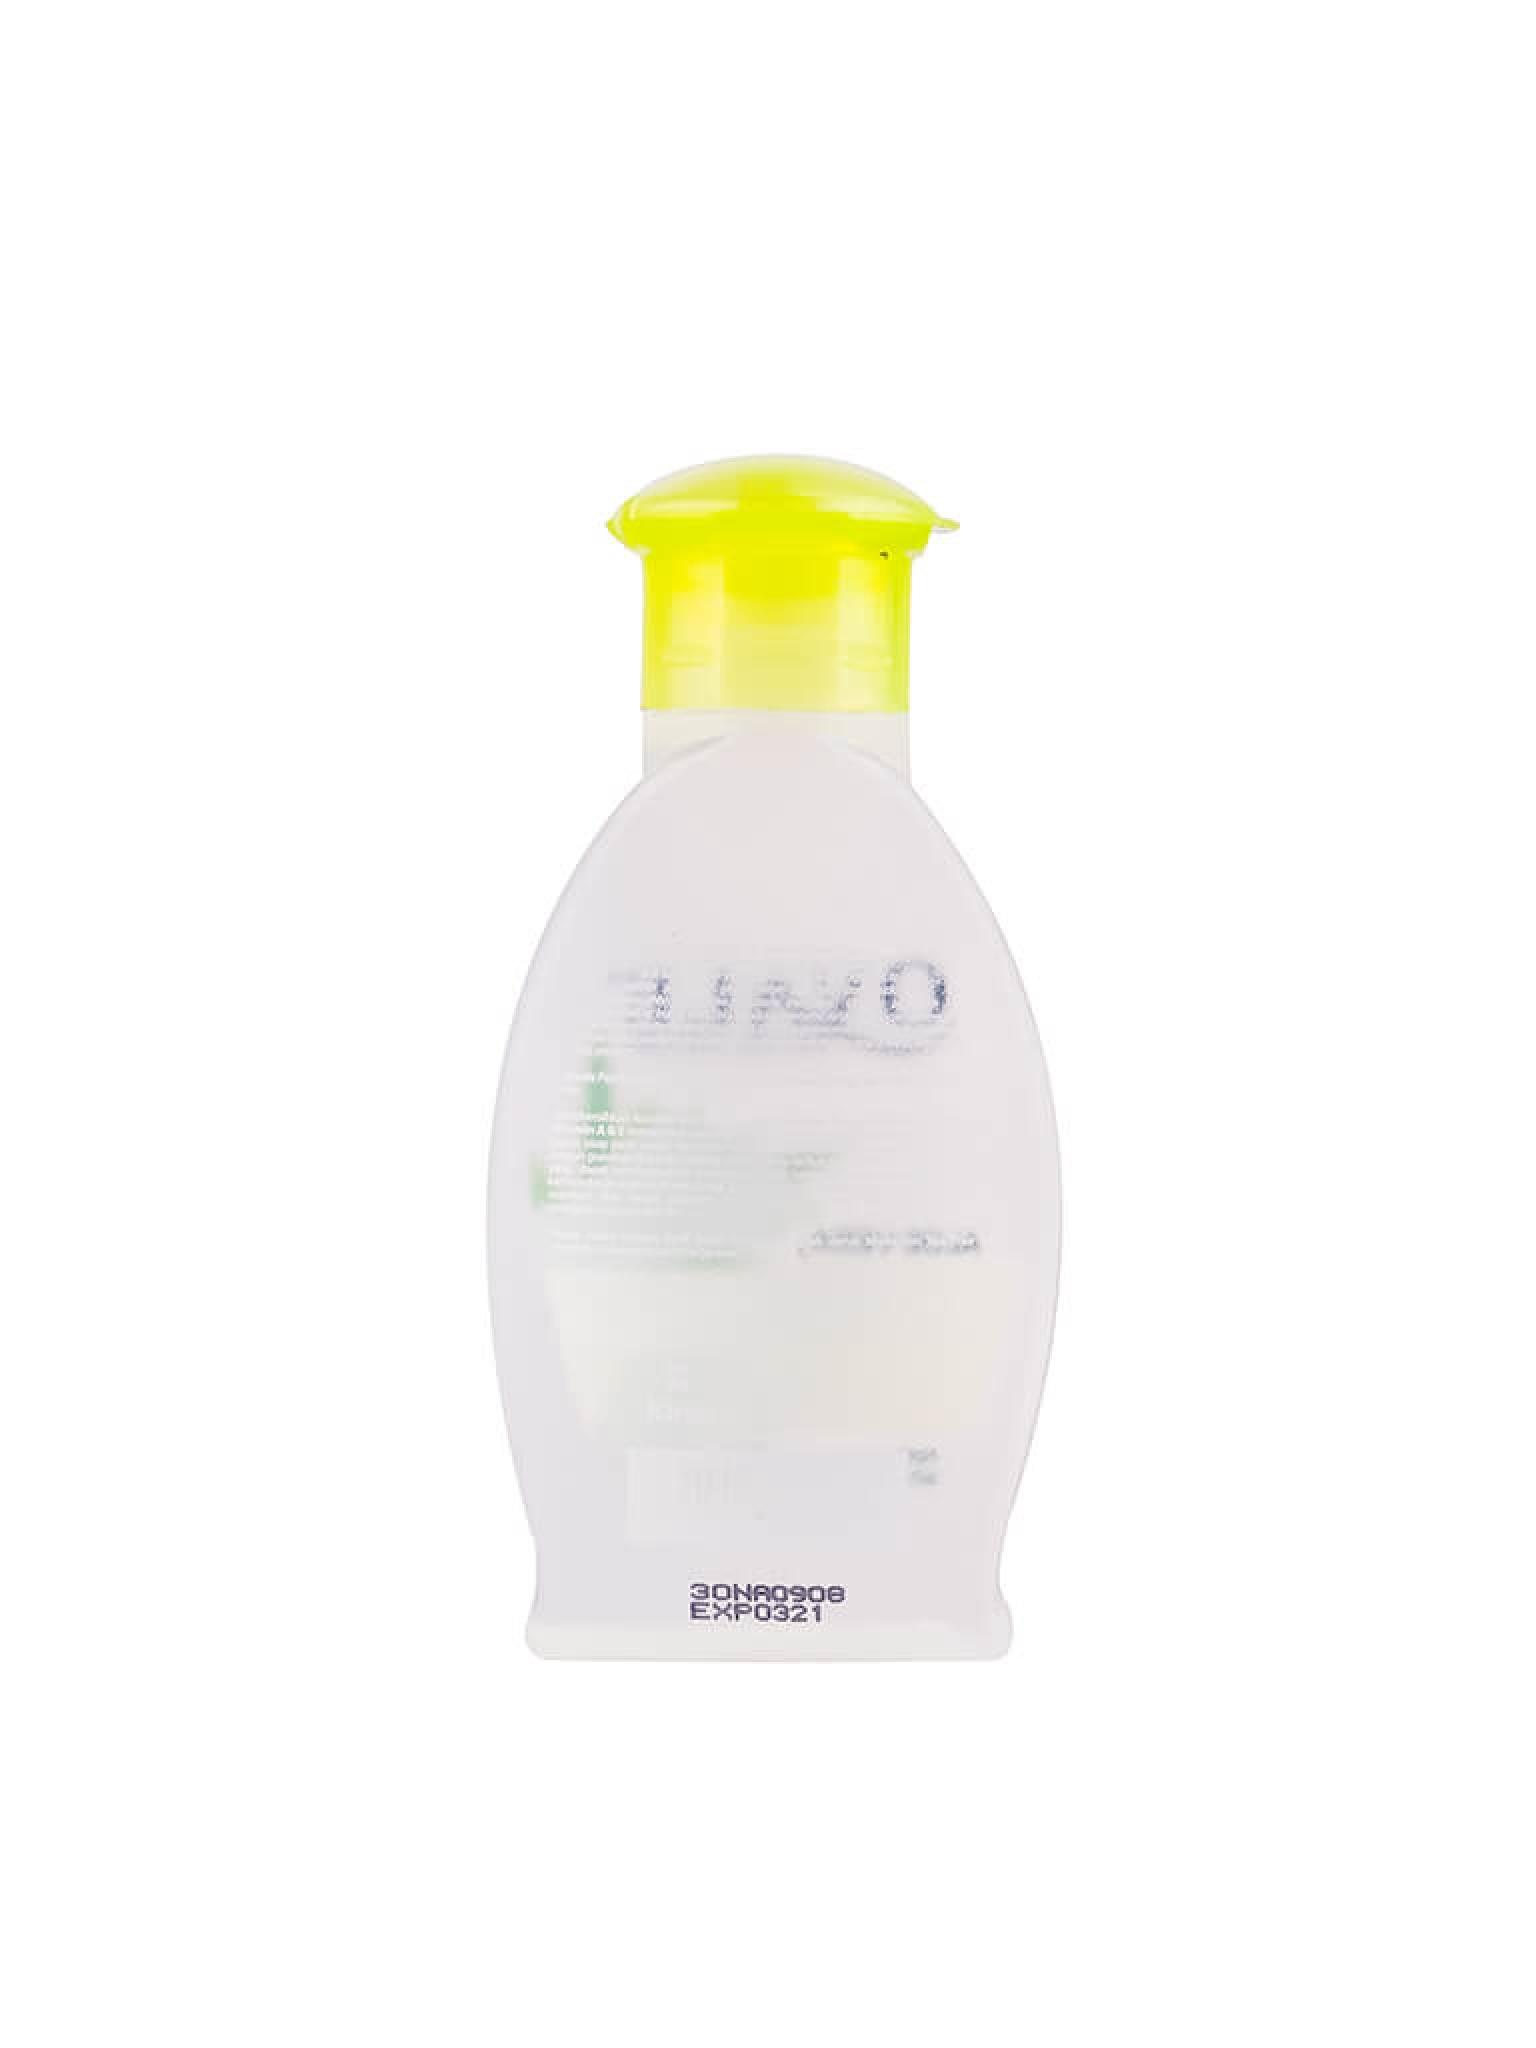 Лосьон для очищения и демакияжа проблемной, склонной к появлению акне (прыщей) кожи лица